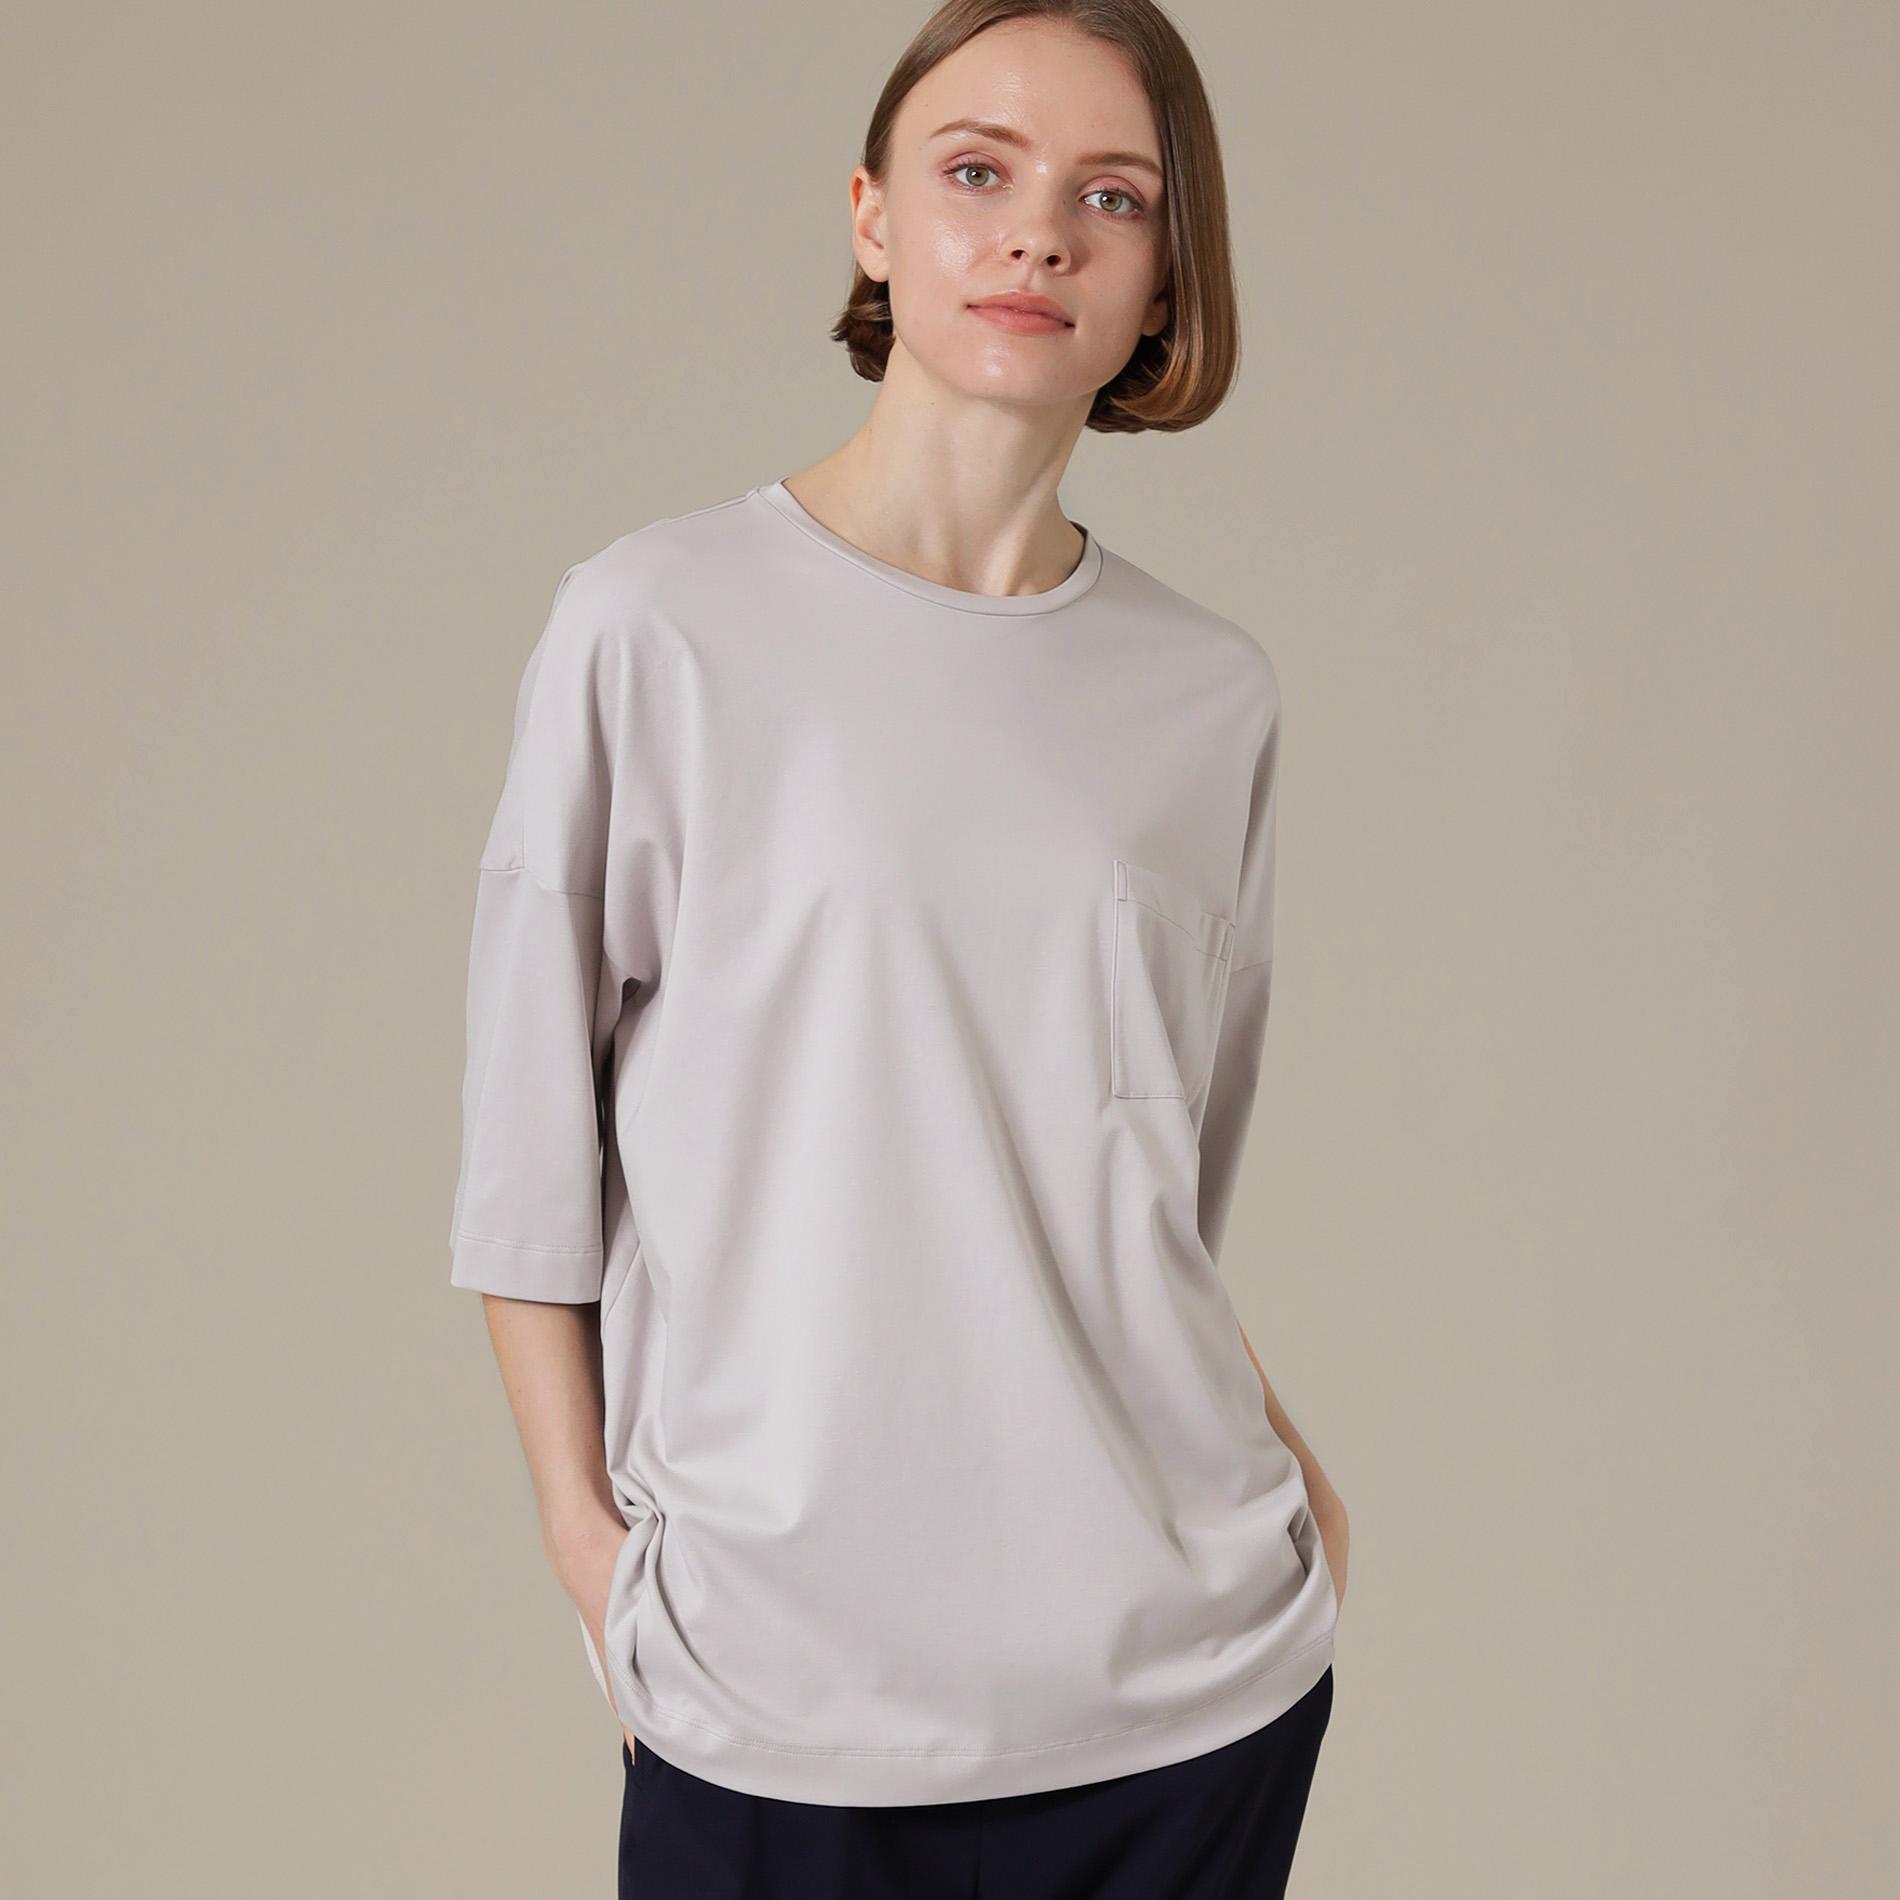 【WEB限定】【SUPER FINE LAB.】パウダーシュガーコットンTシャツ